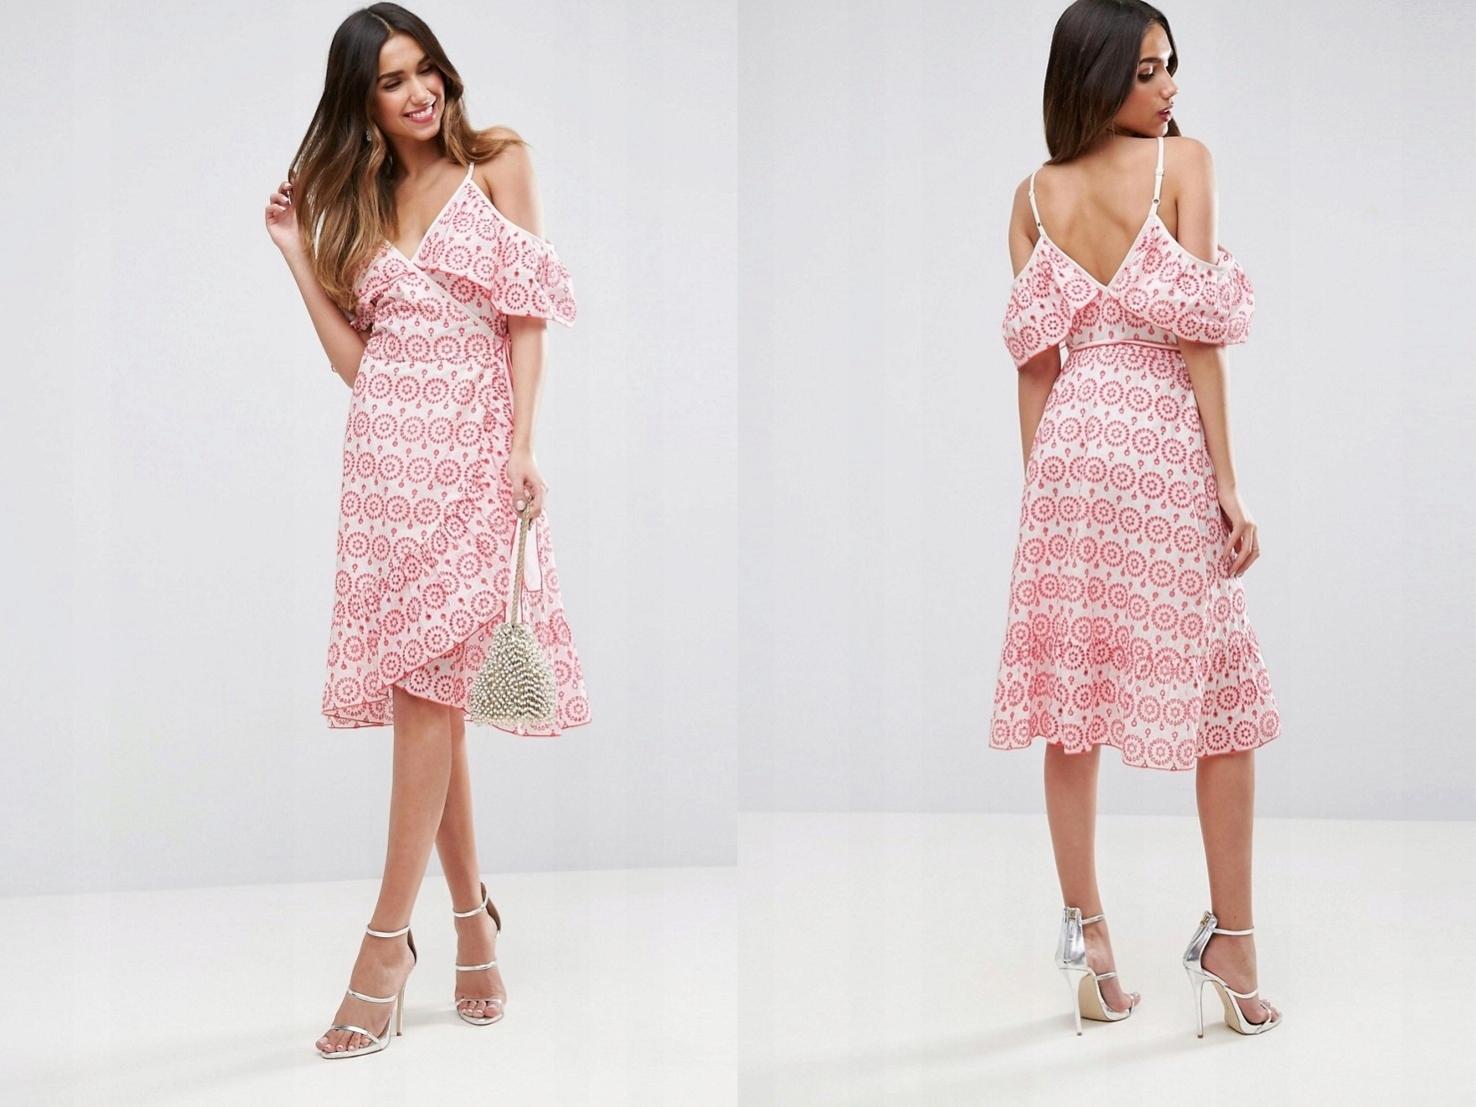 787b9e390d Biało-różowa sukienka wiązana z falbaną XXS 32 - 7505674869 ...